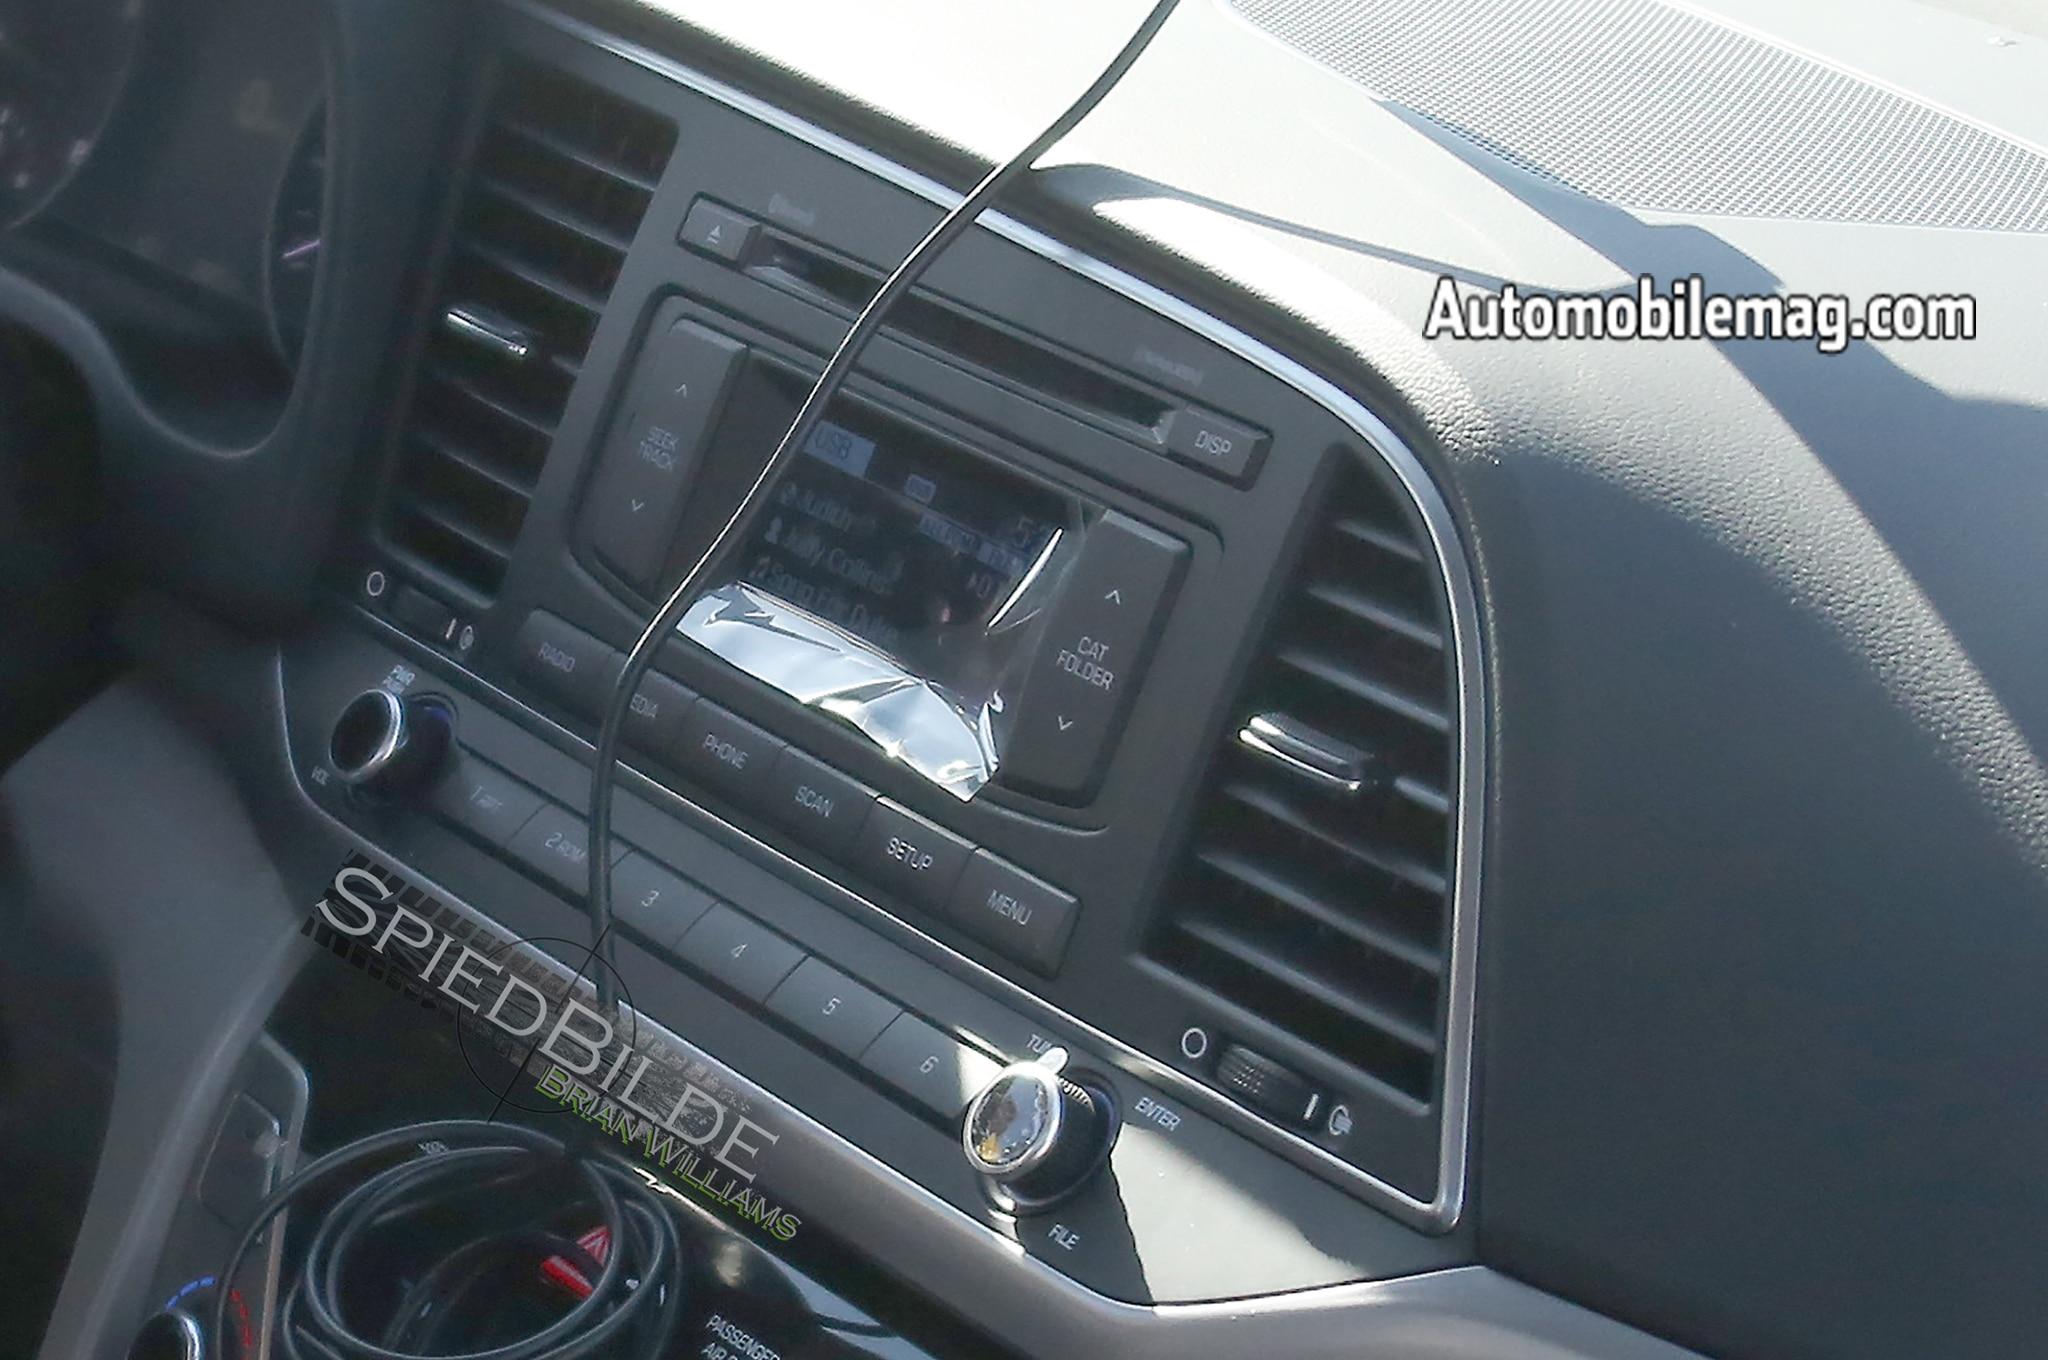 2017 Hyundai Elantra Interior Spied With Updated Dashboard Design